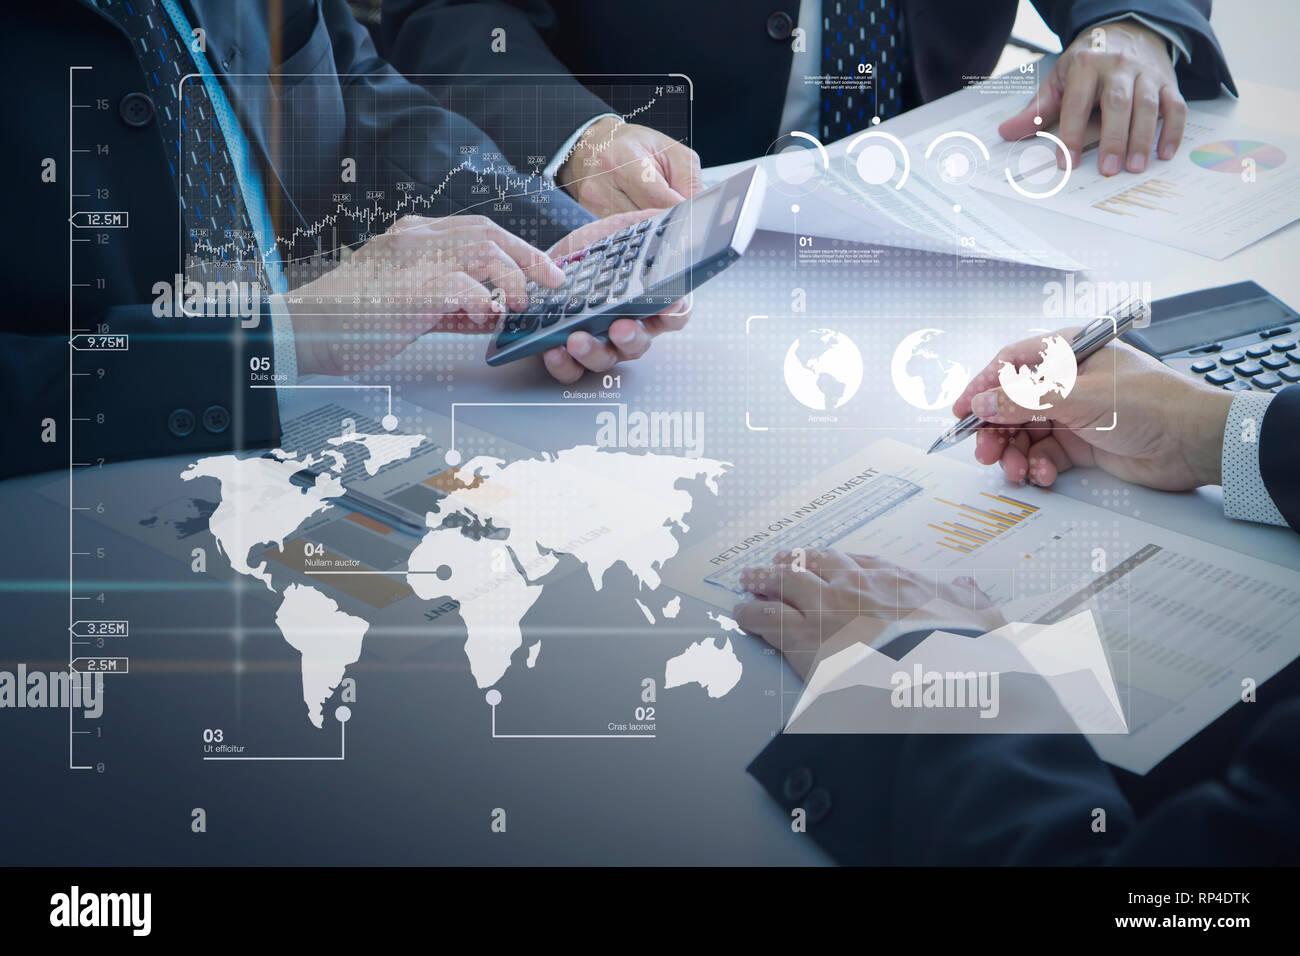 Los empresarios están profundamente revisar informes financieros para un retorno de la inversión o el análisis de riesgo de inversión. Foto de stock